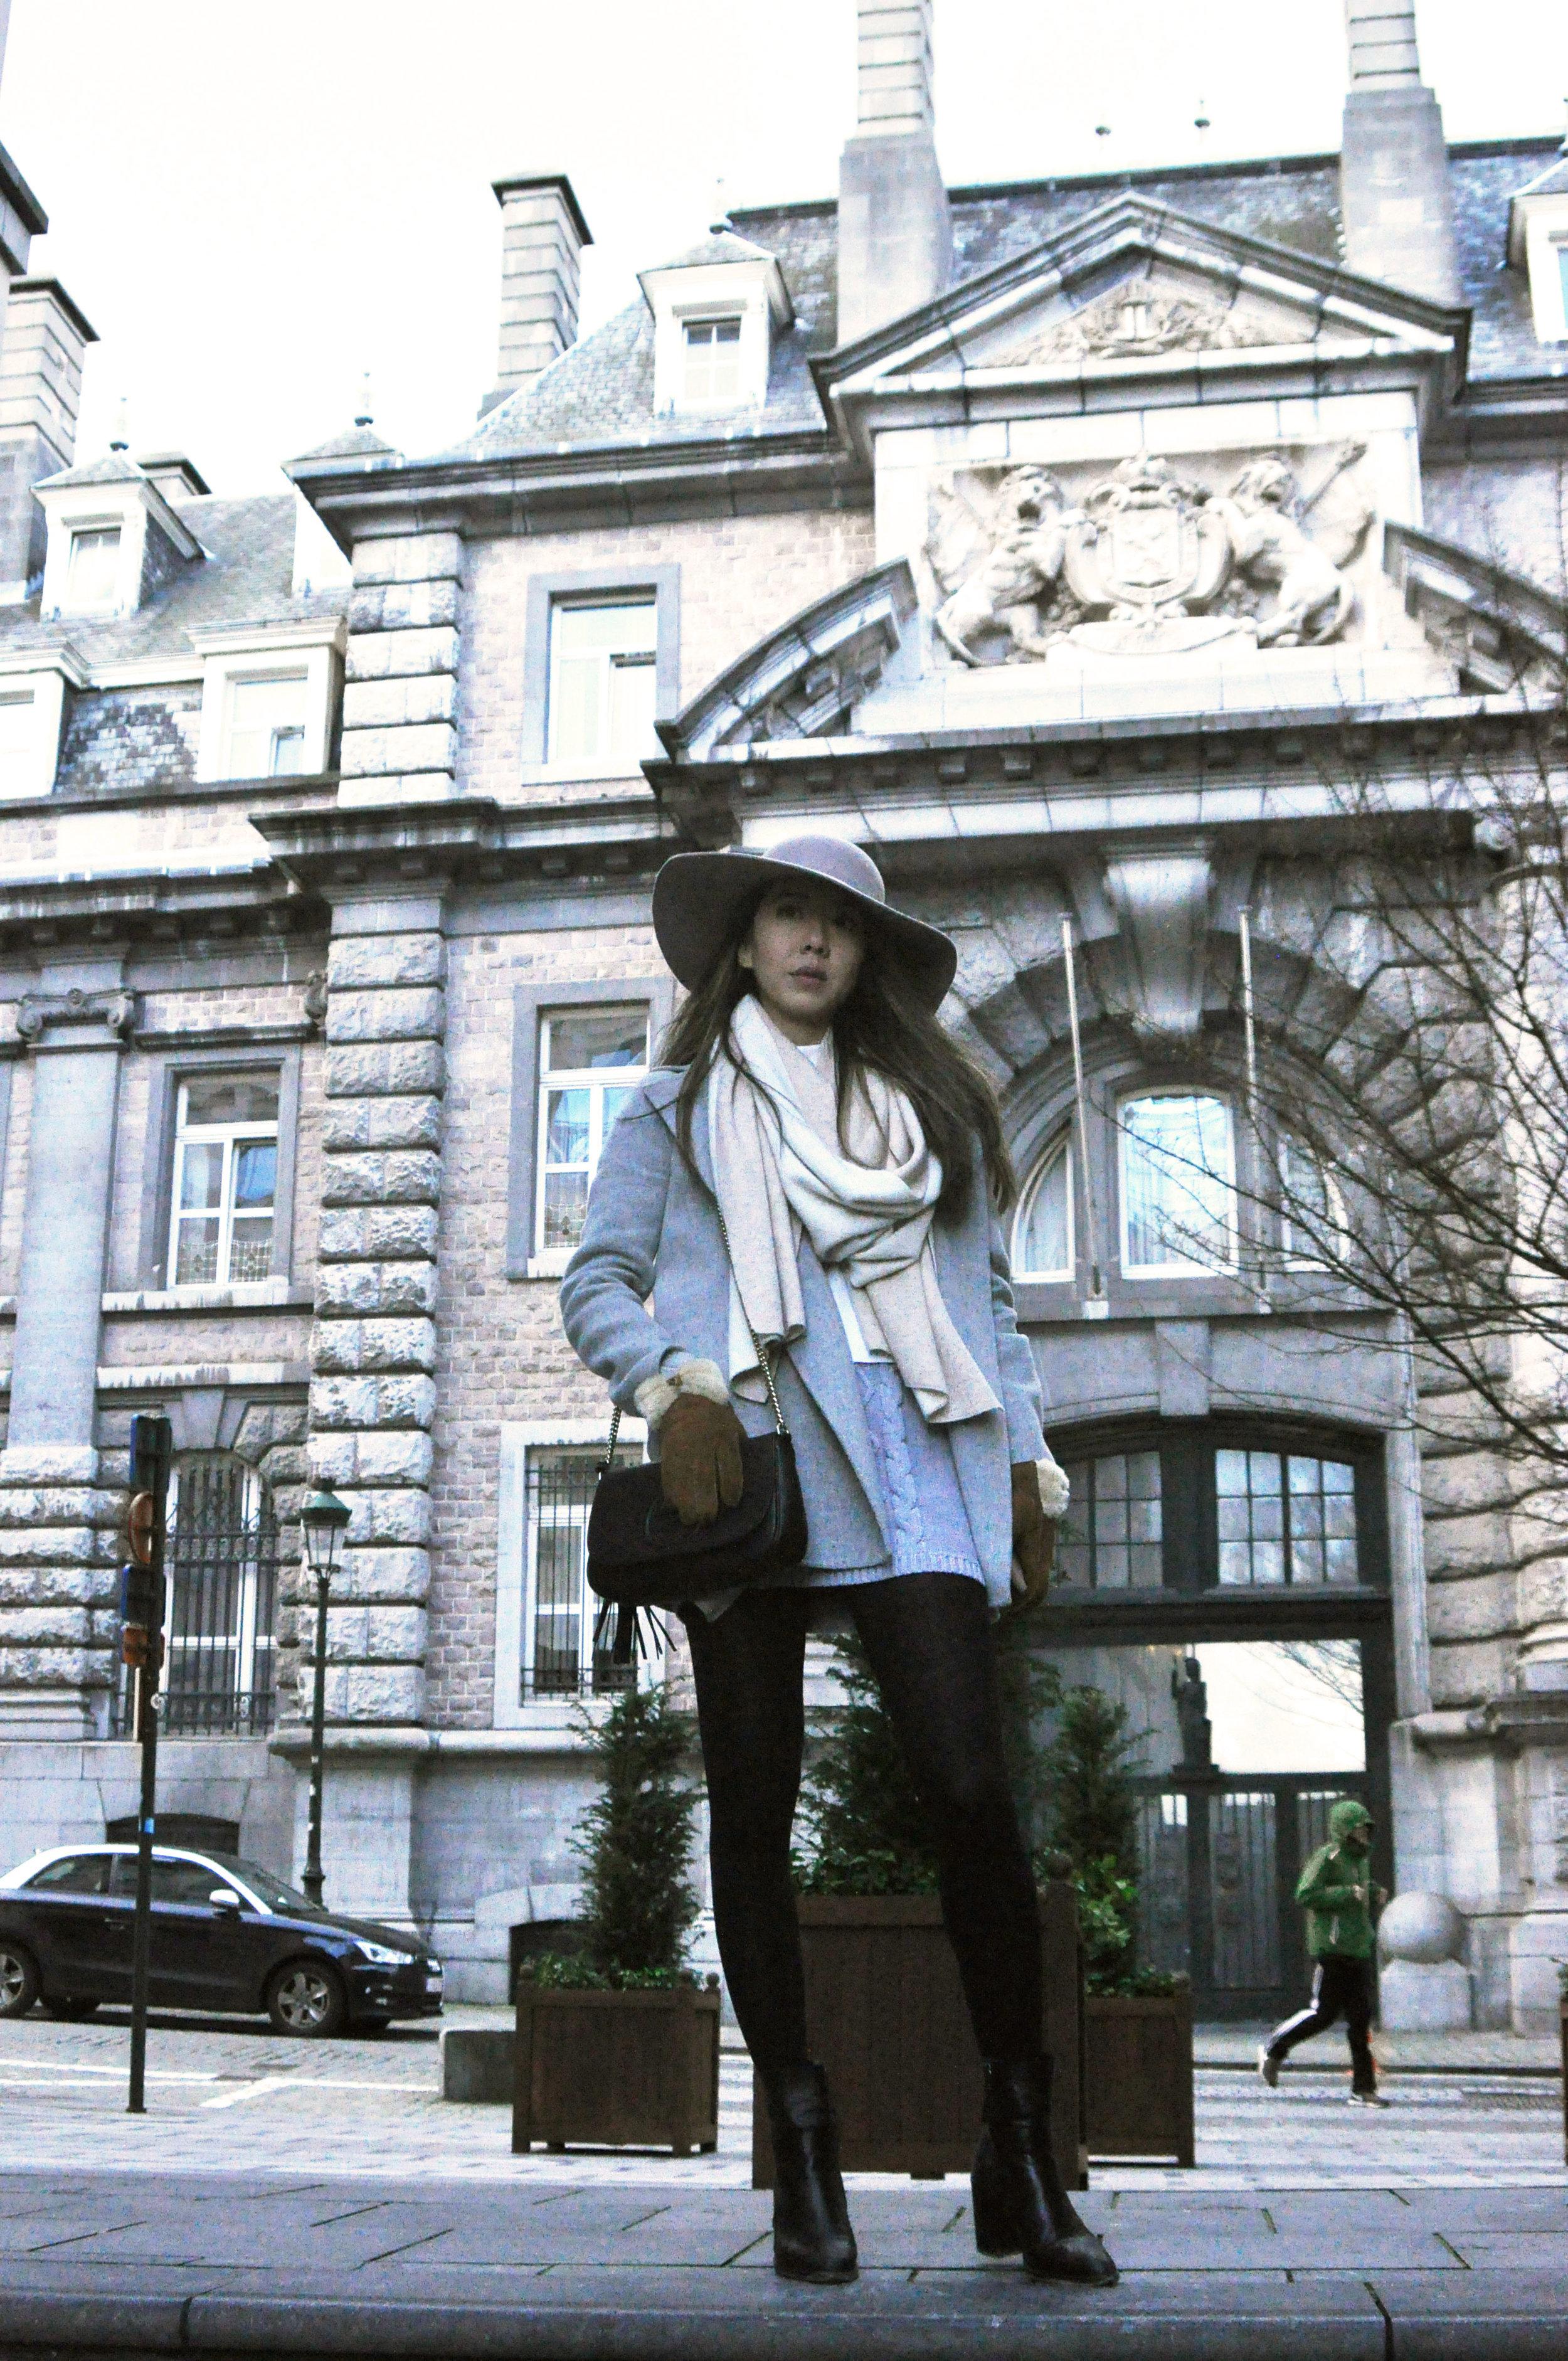 Handmade hat by La Chapeliere in Brussels